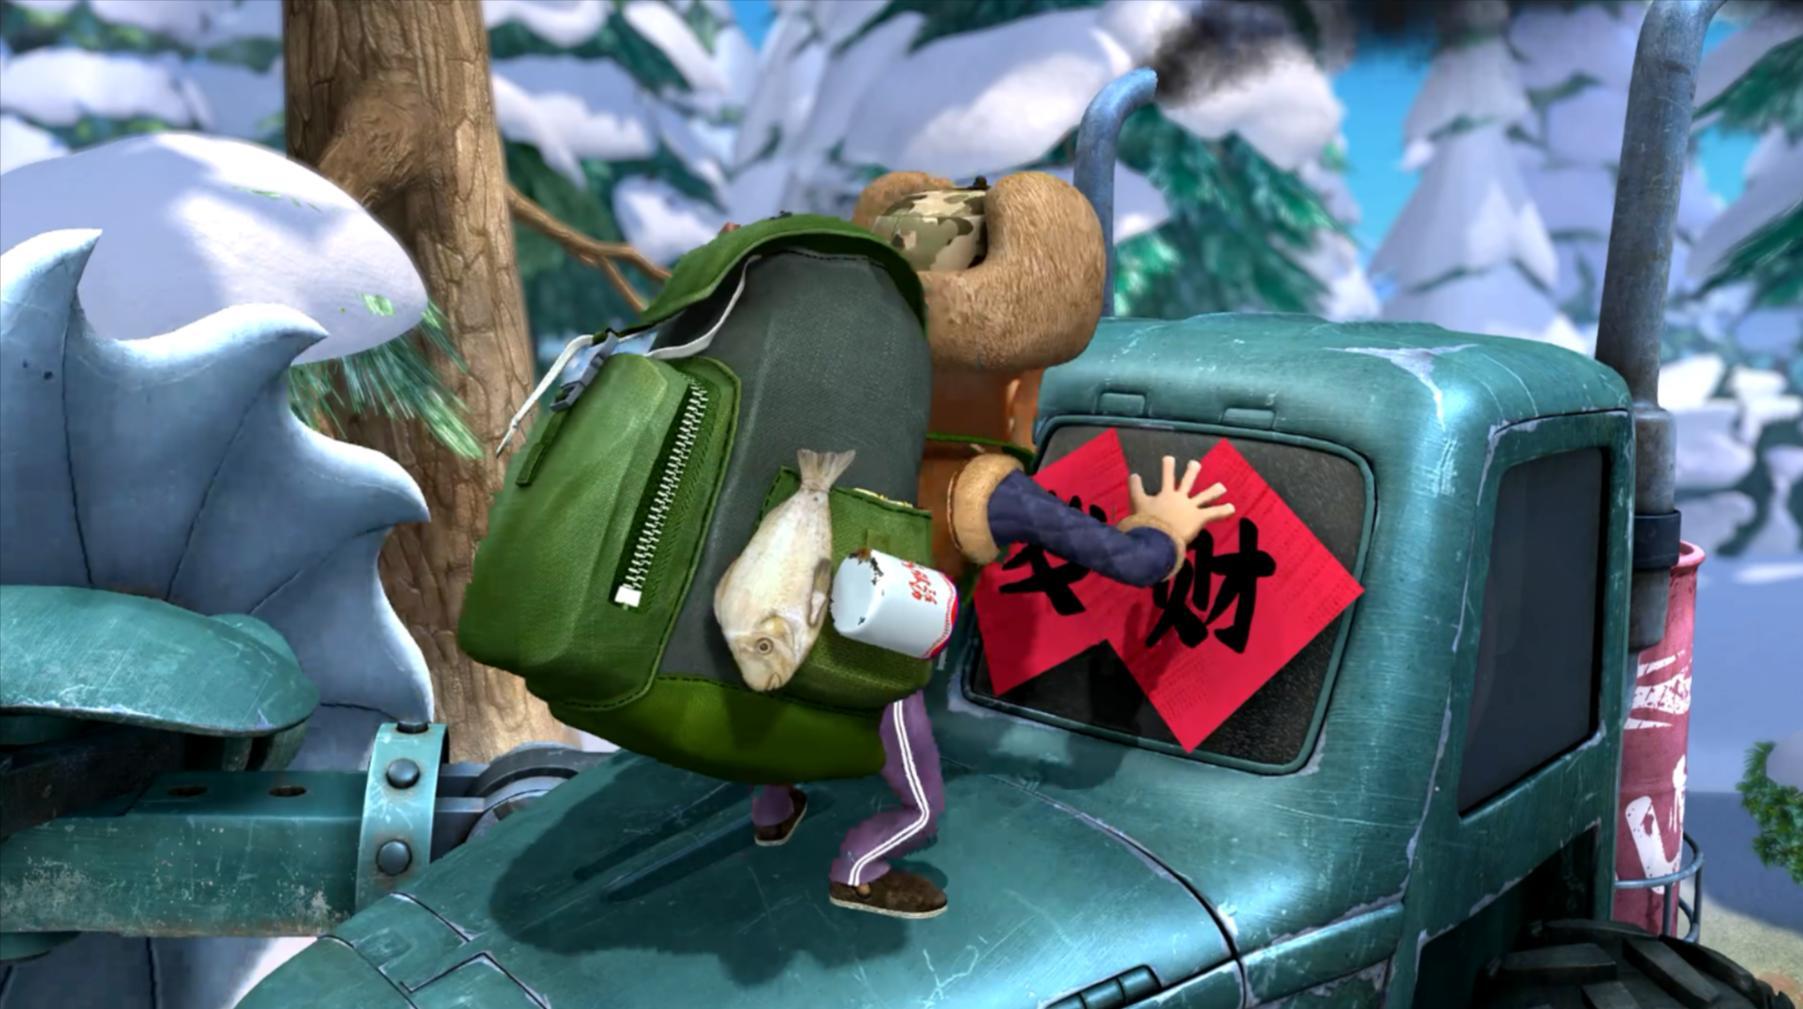 熊出没:强哥为了保护森林,他连年货都不要了,用年货和机器作战